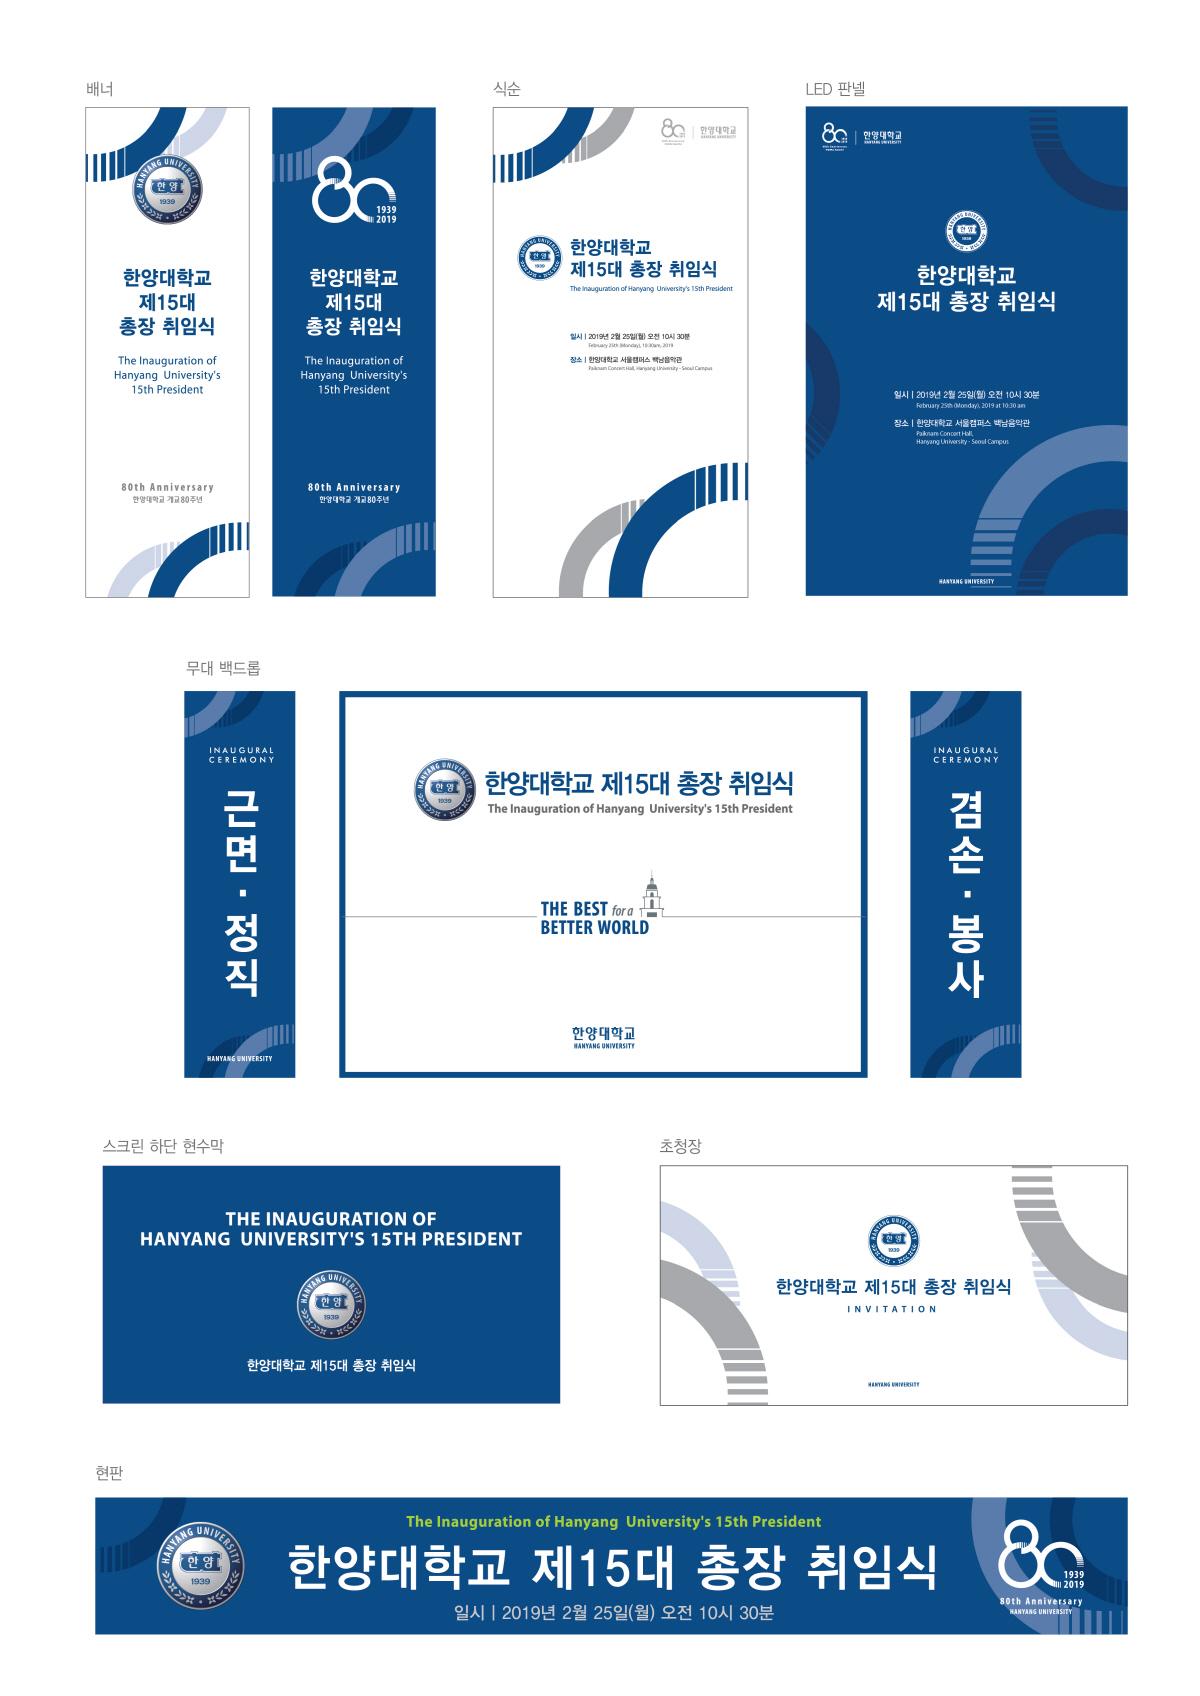 [디자인경영센터] 제15대 총장 취임식